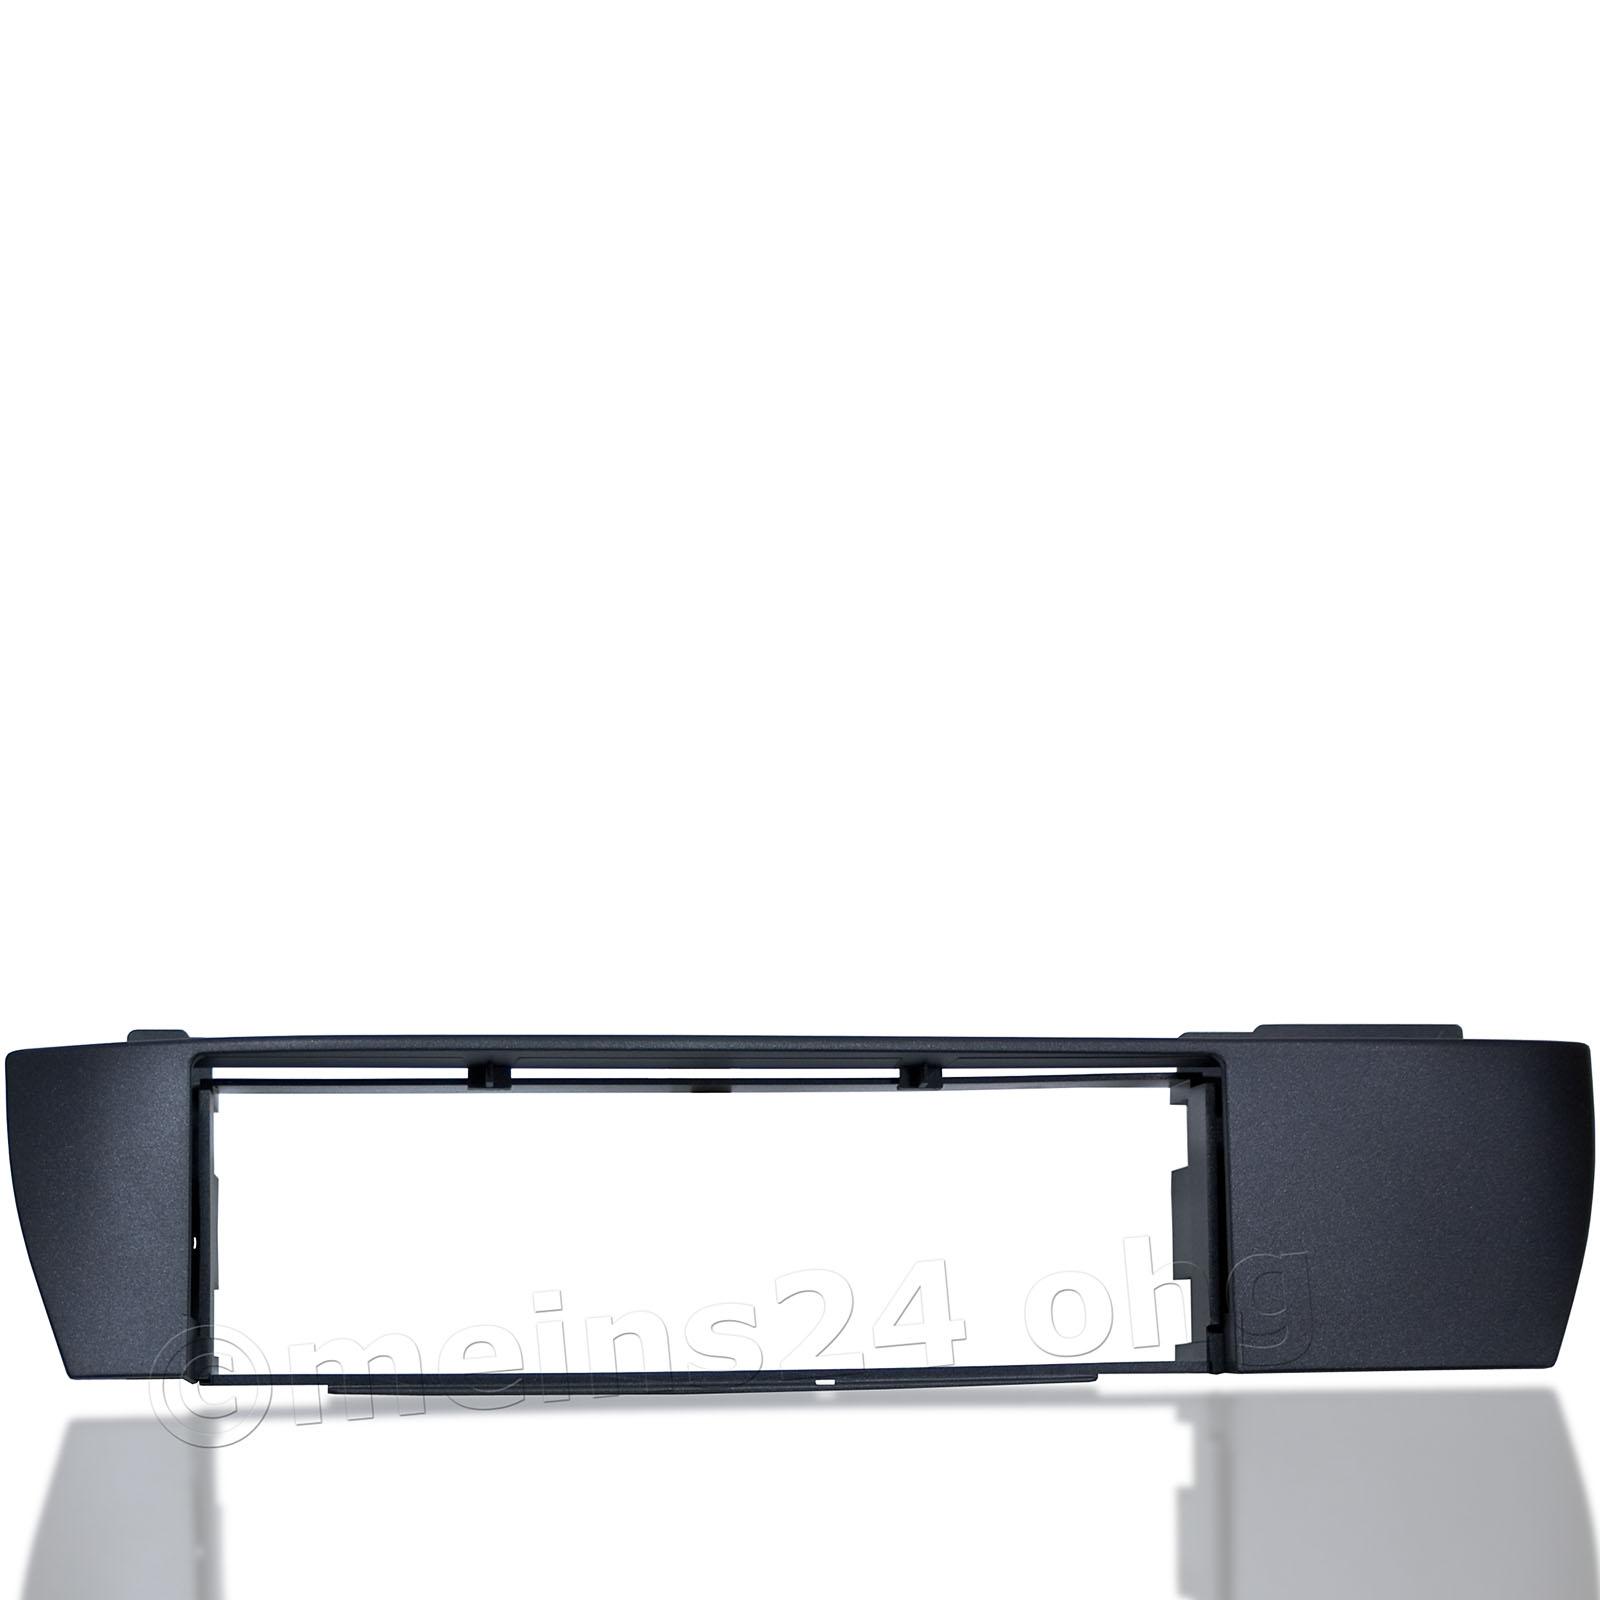 Radioblende passend für BMW X3 E83